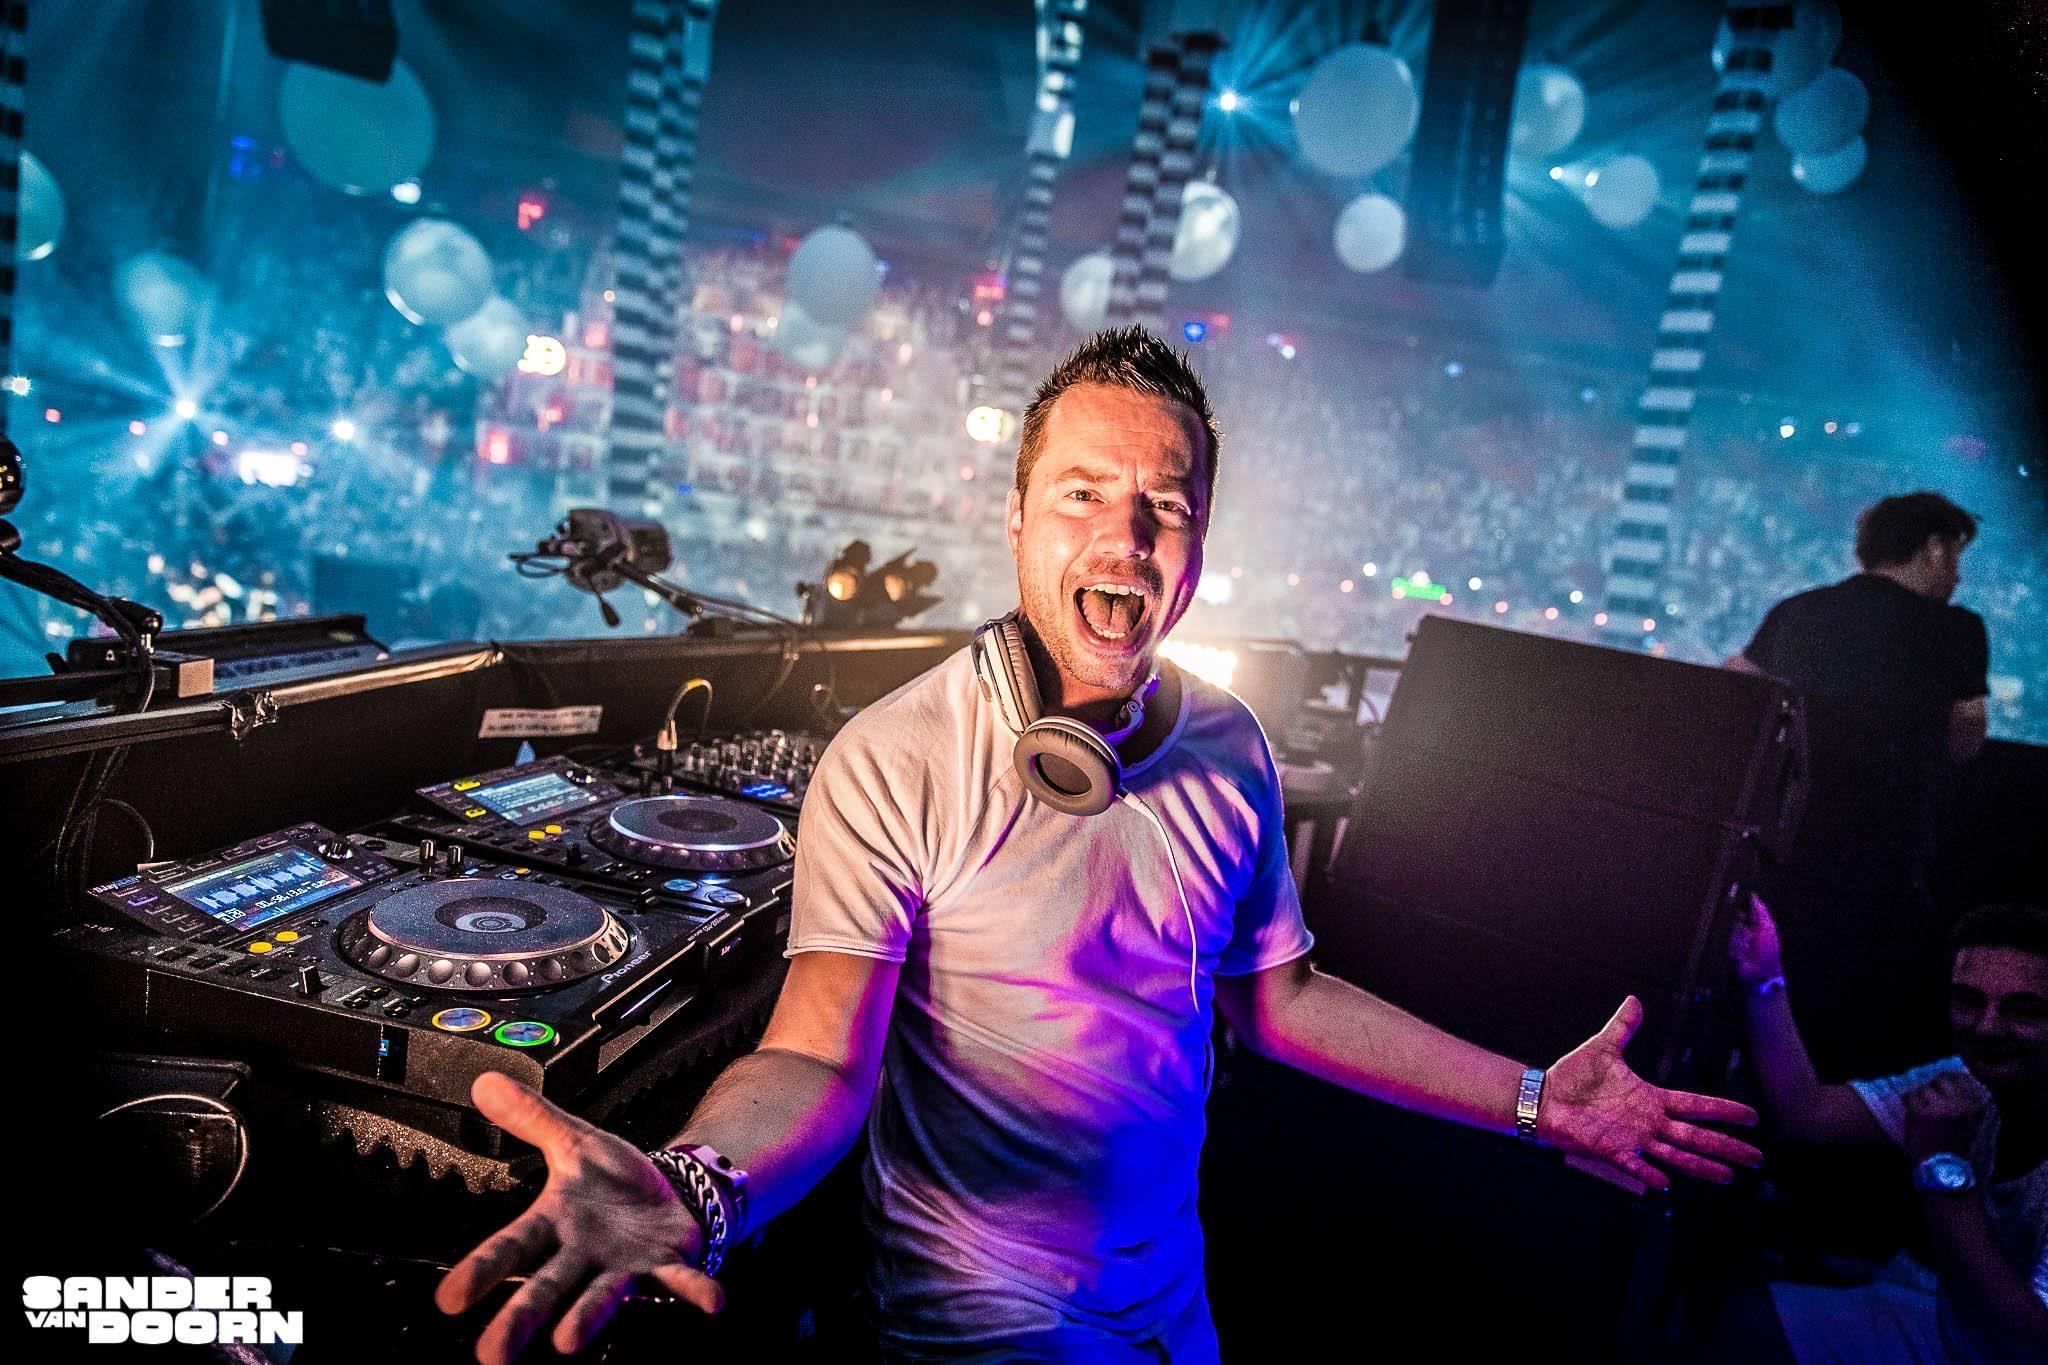 10年に渡り世界人気DJランキングに居座るSander van Doorn(サンダー・ヴァン・ドーン)とは!